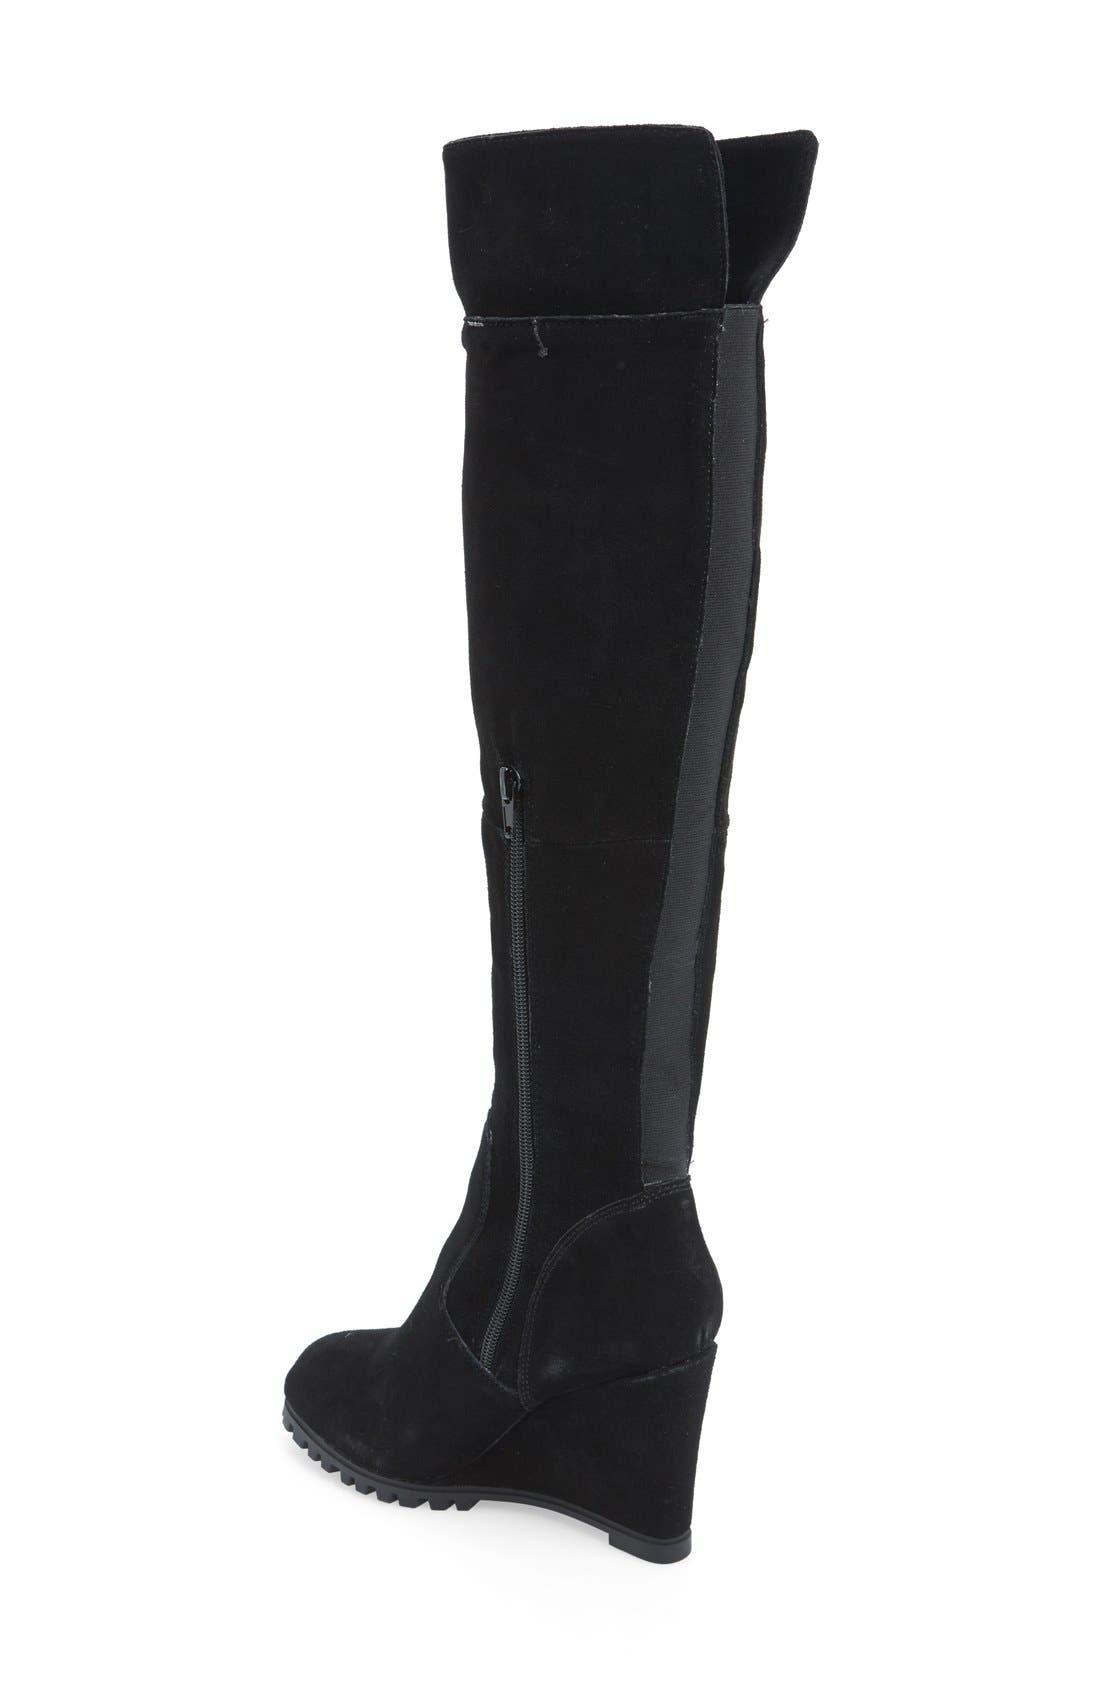 Alternate Image 2  - Steve Madden 'Willful' Tall Wedge Boot (Women)